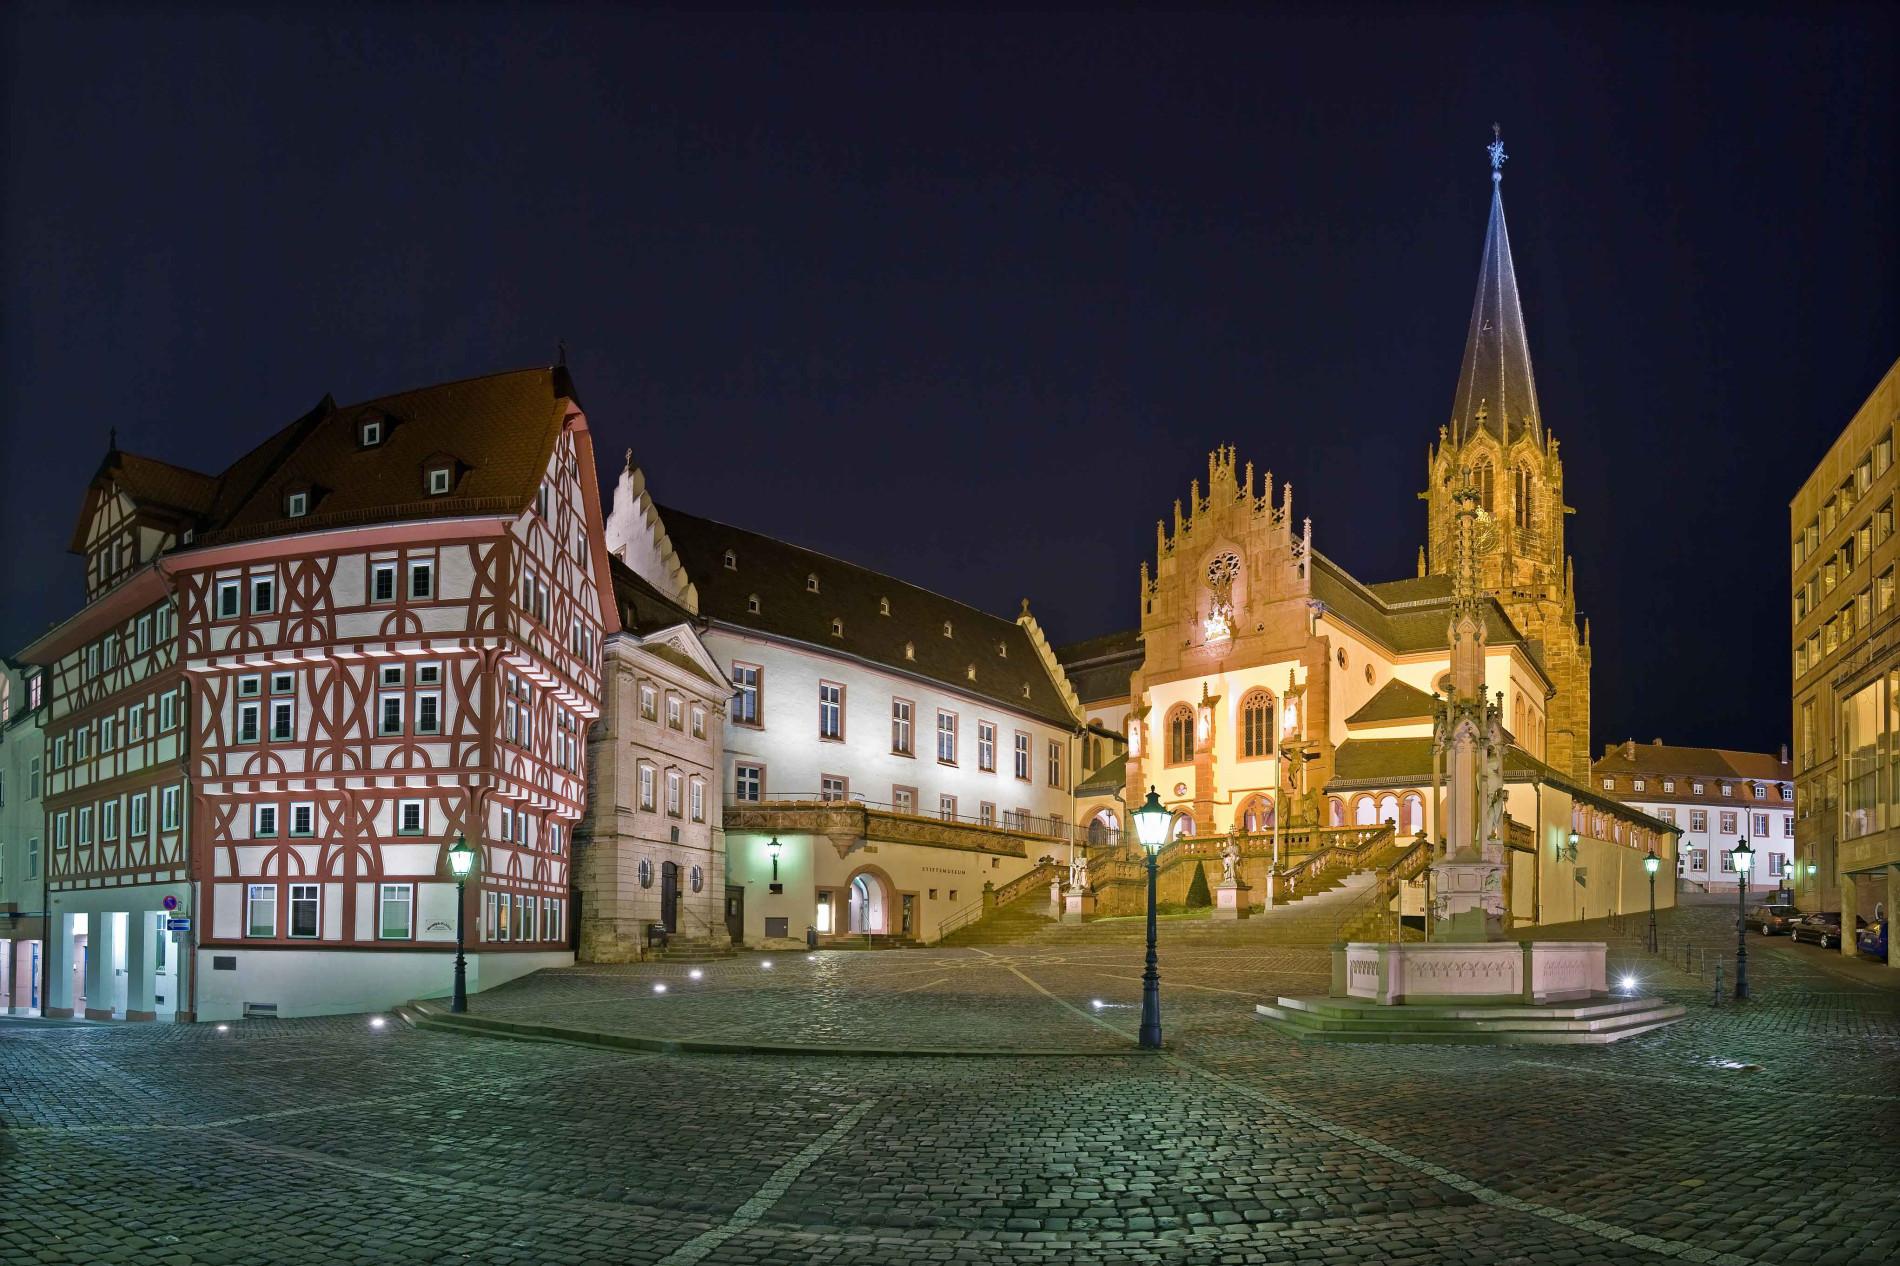 Aschaffenburg Stiftplatz